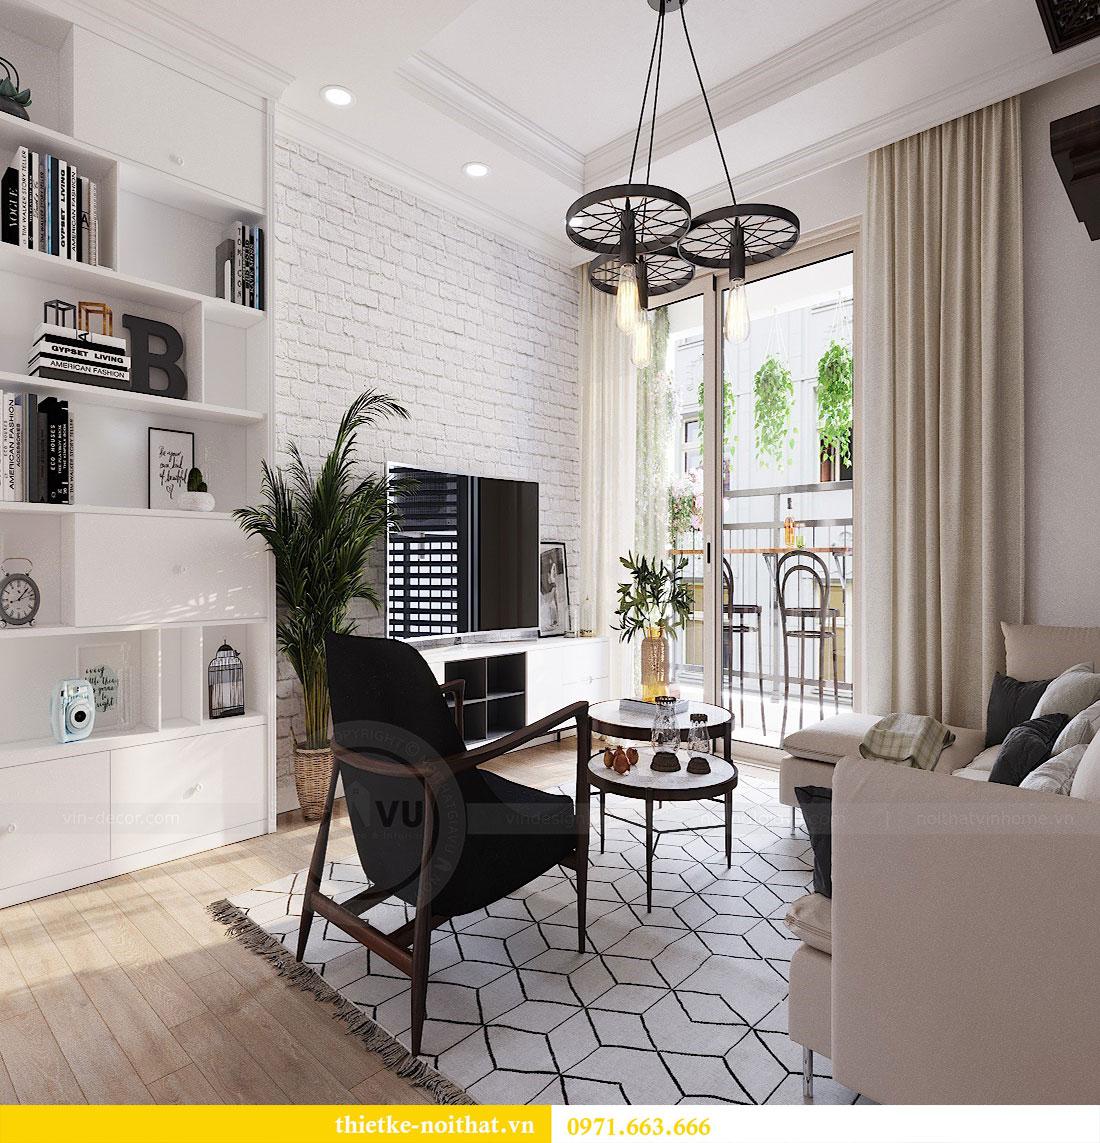 Thiết kế chung cư Seasons Avenue căn 01 tòa S3 - Anh Bách 6